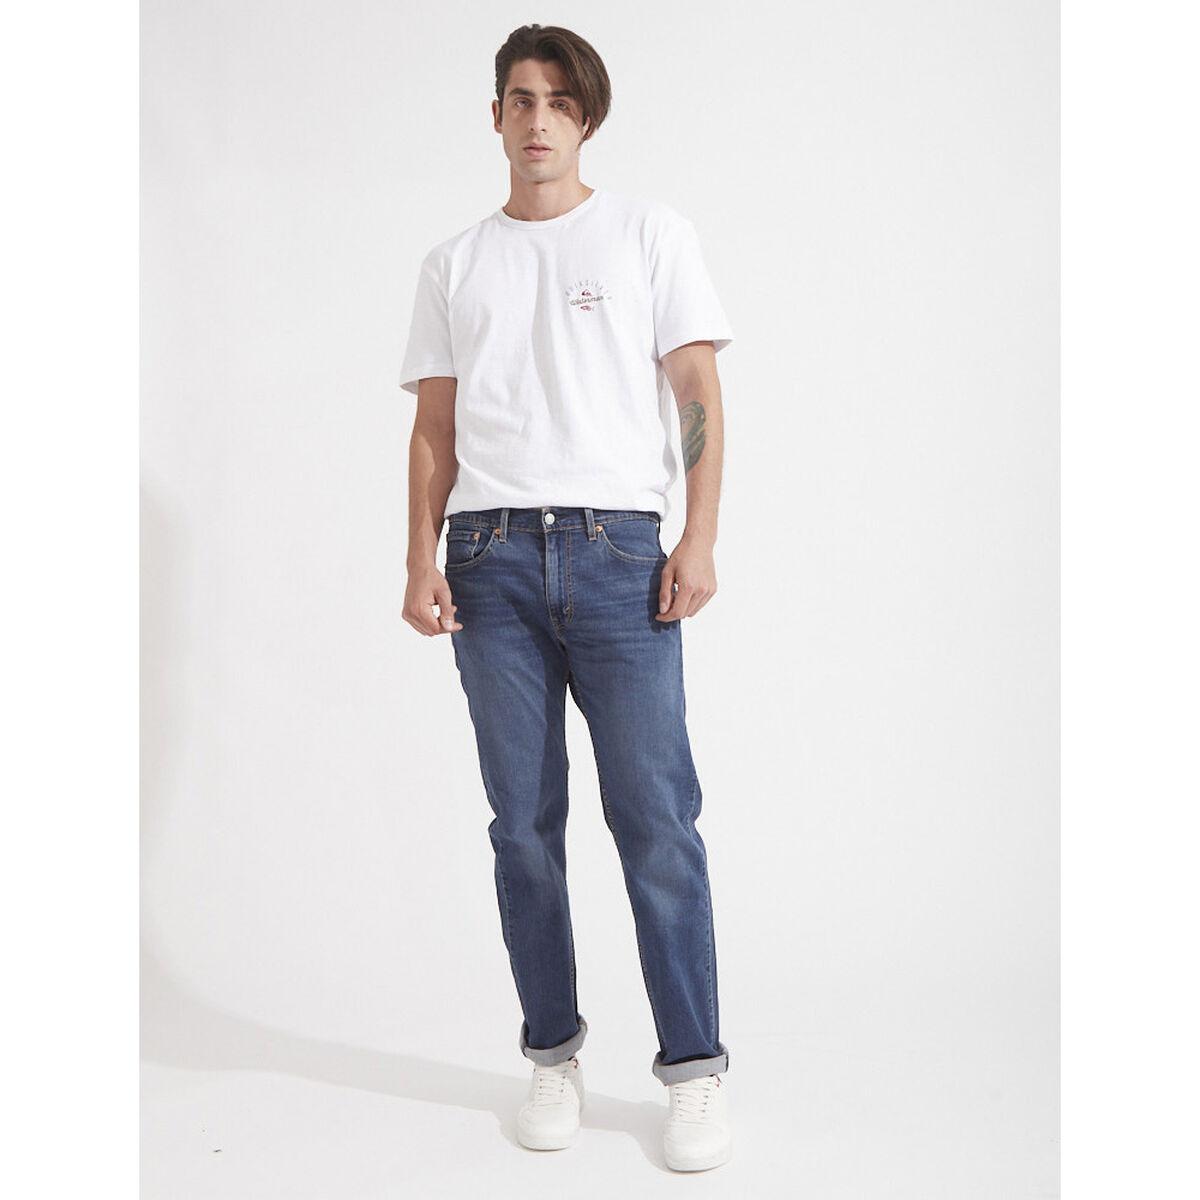 Jeans Hombre Levis 505